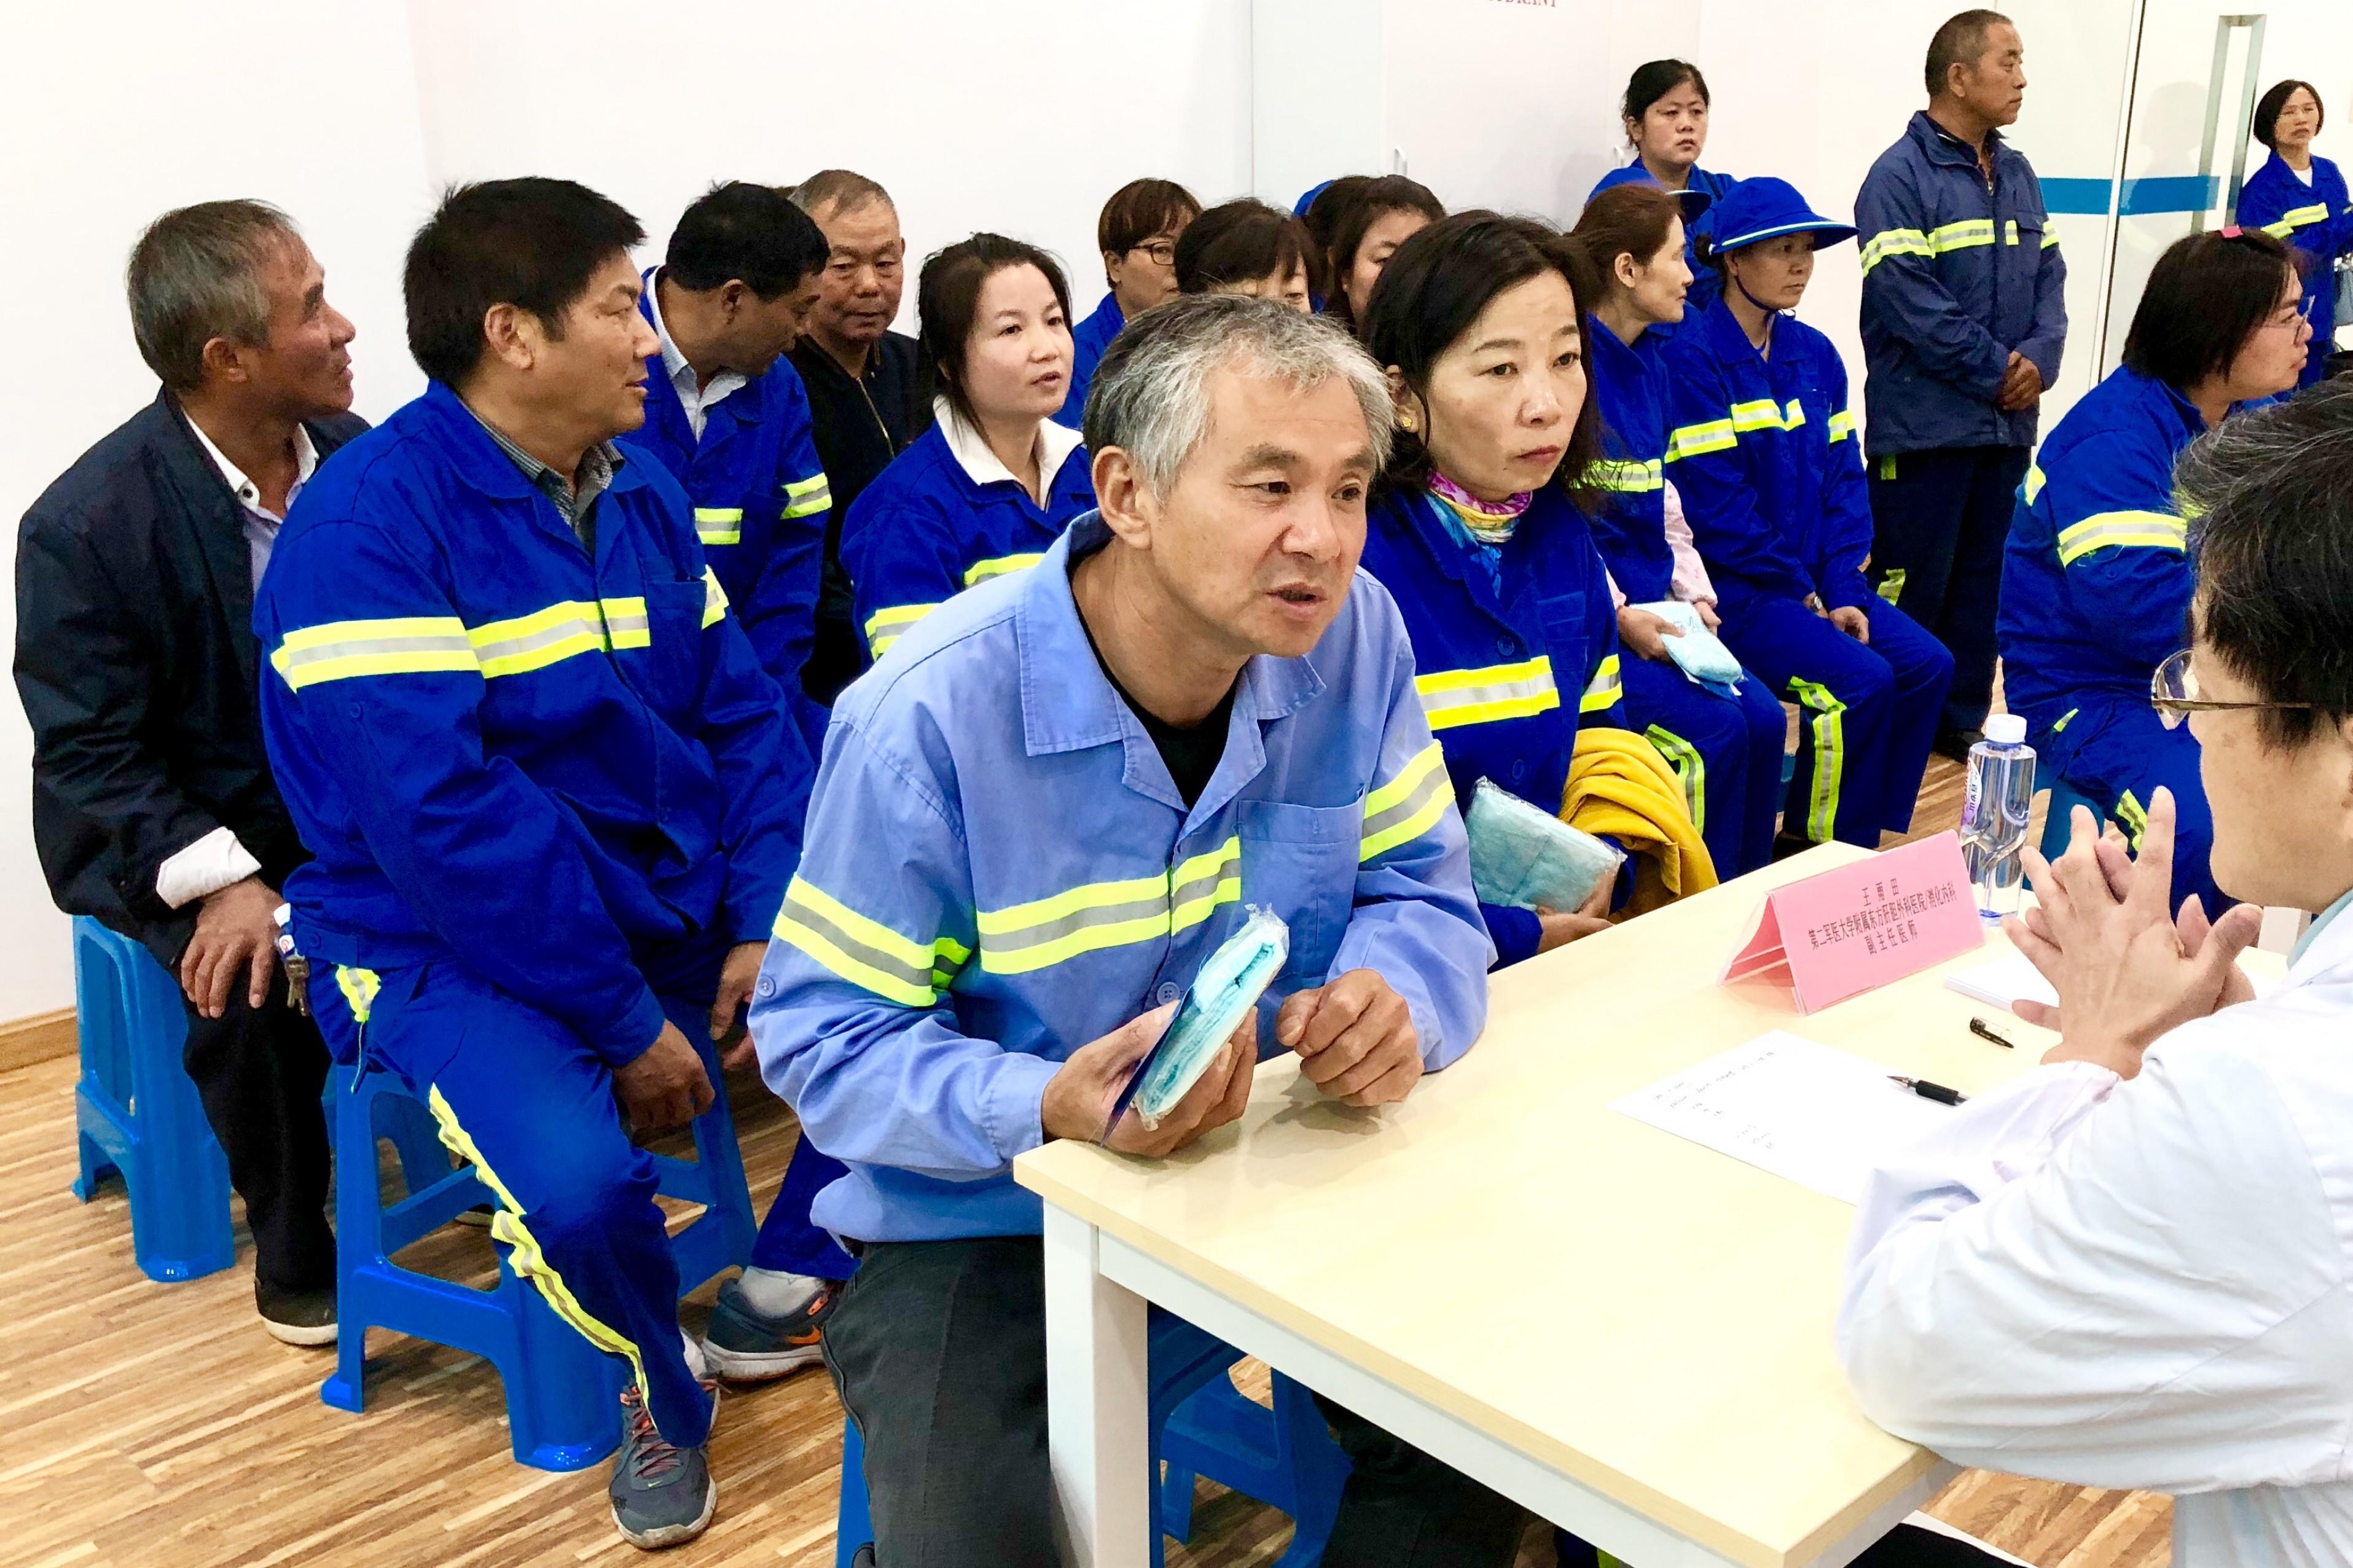 志愿服务助健康  义诊活动暖人心